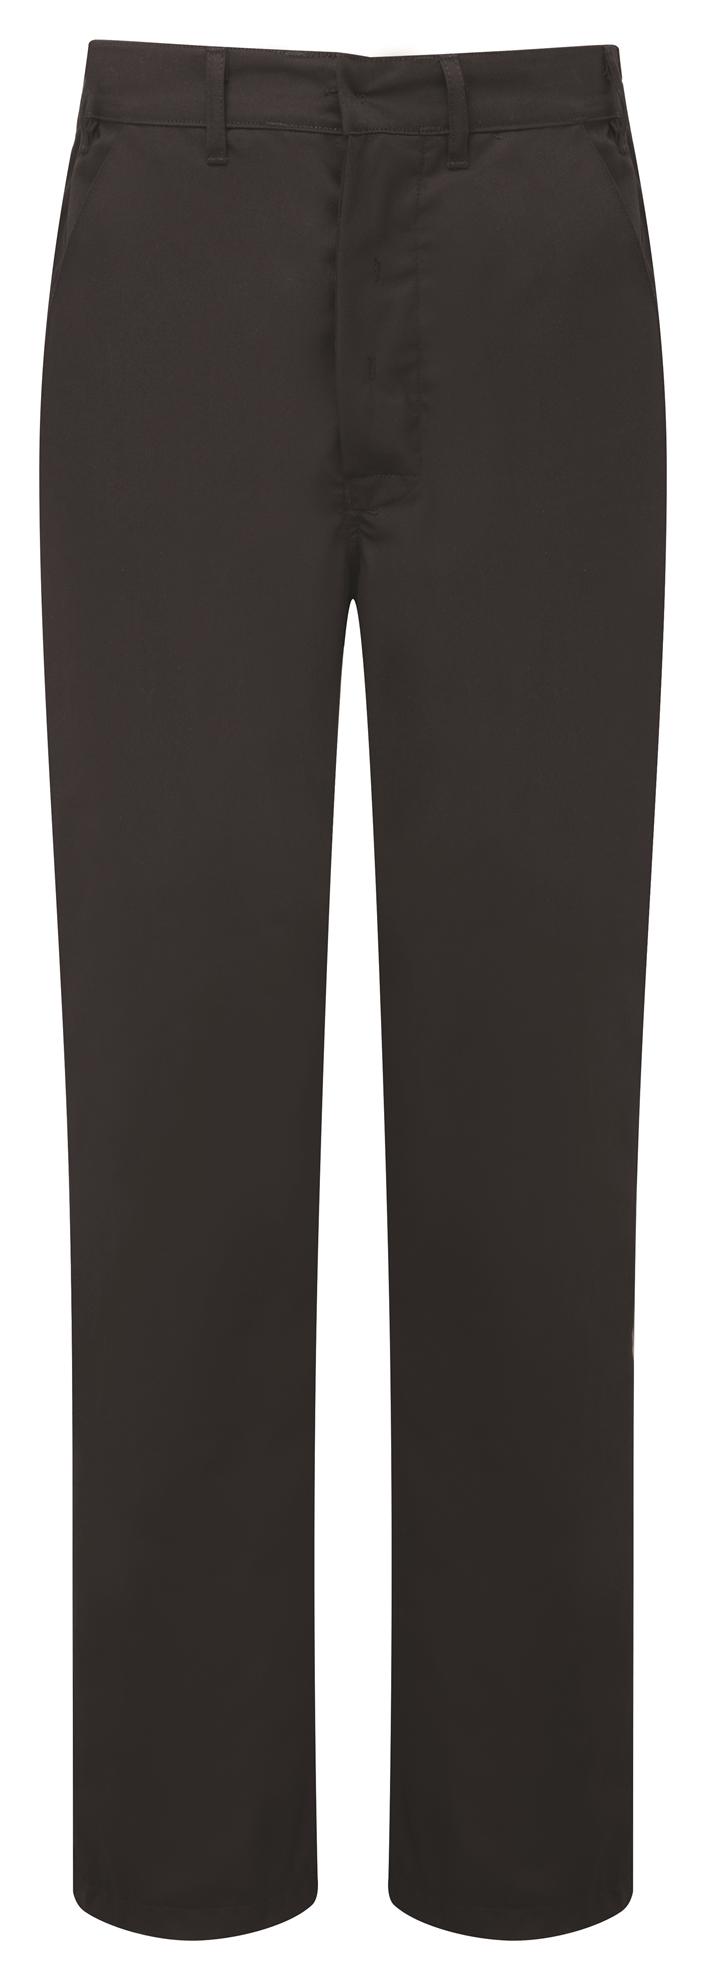 Picture of Unisex Chefs Plain Trouser - Black